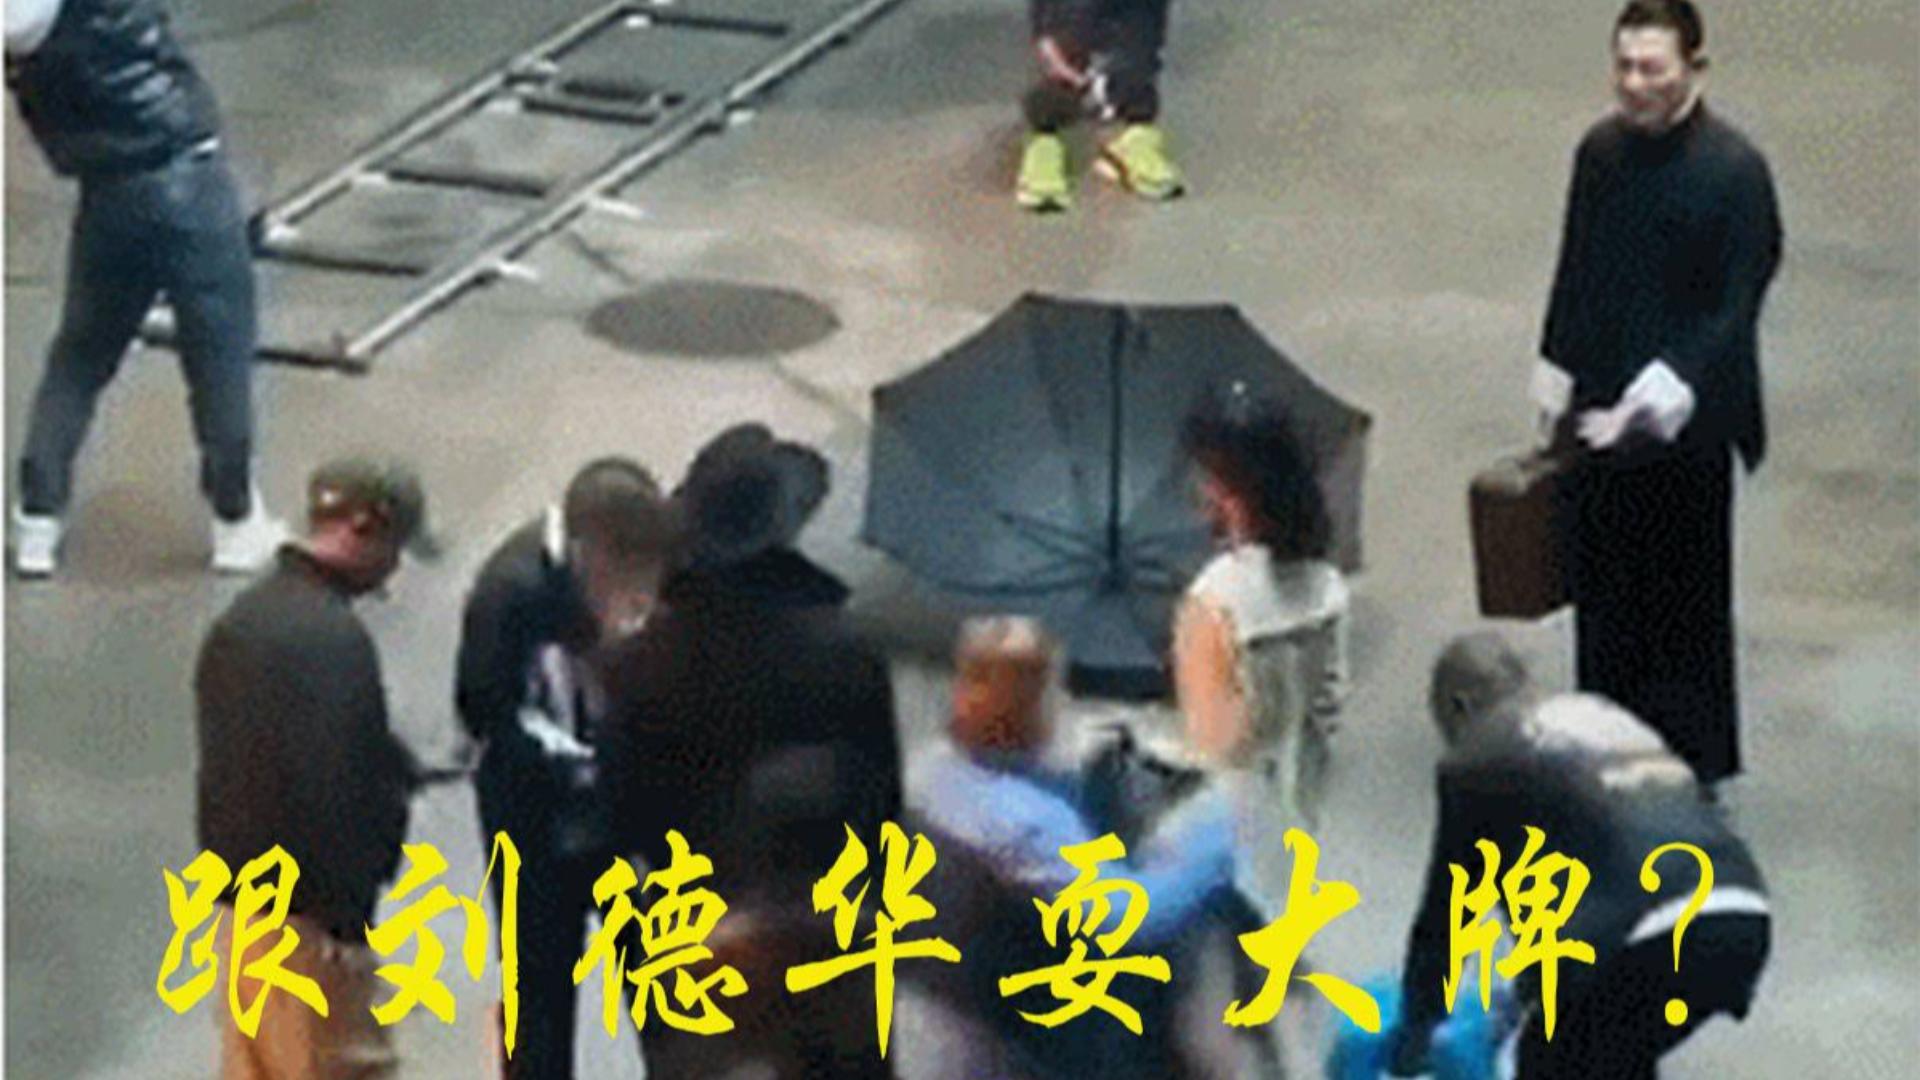 网友爆料58岁刘德华拍戏,看不惯消鲜肉耍大牌!片方辟谣:假的